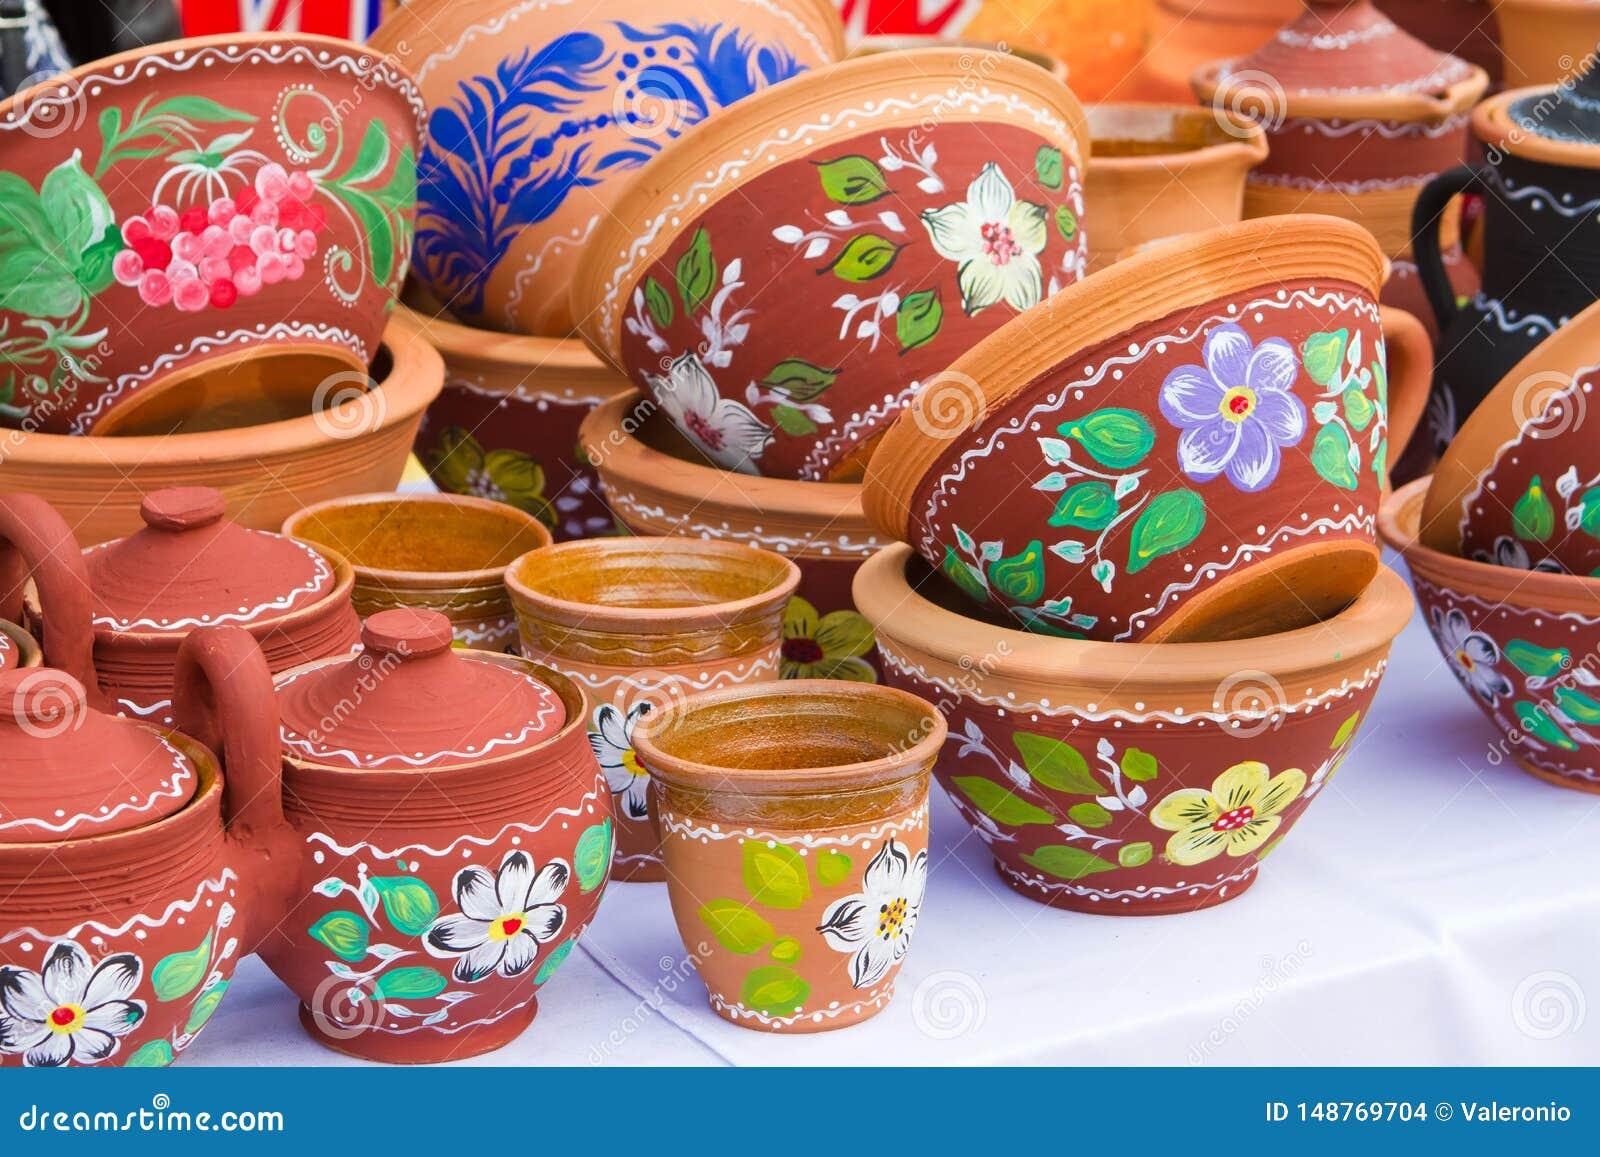 Pots d argile, cuvettes et plats en c?ramique faits main et peints ? la main avec le mod?le floral et abstrait au soleil